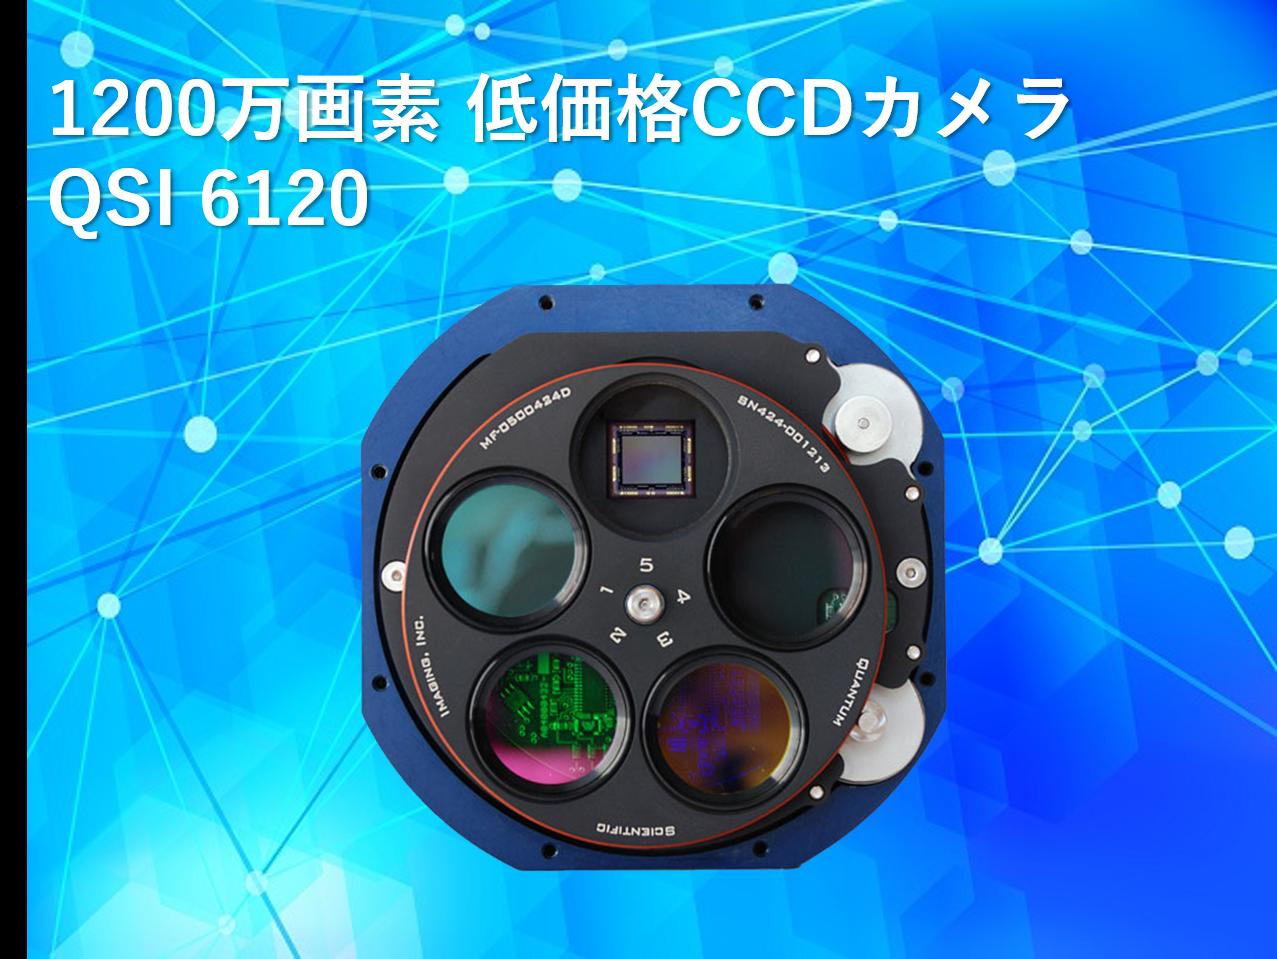 1200万画素 低価格CCDカメラ